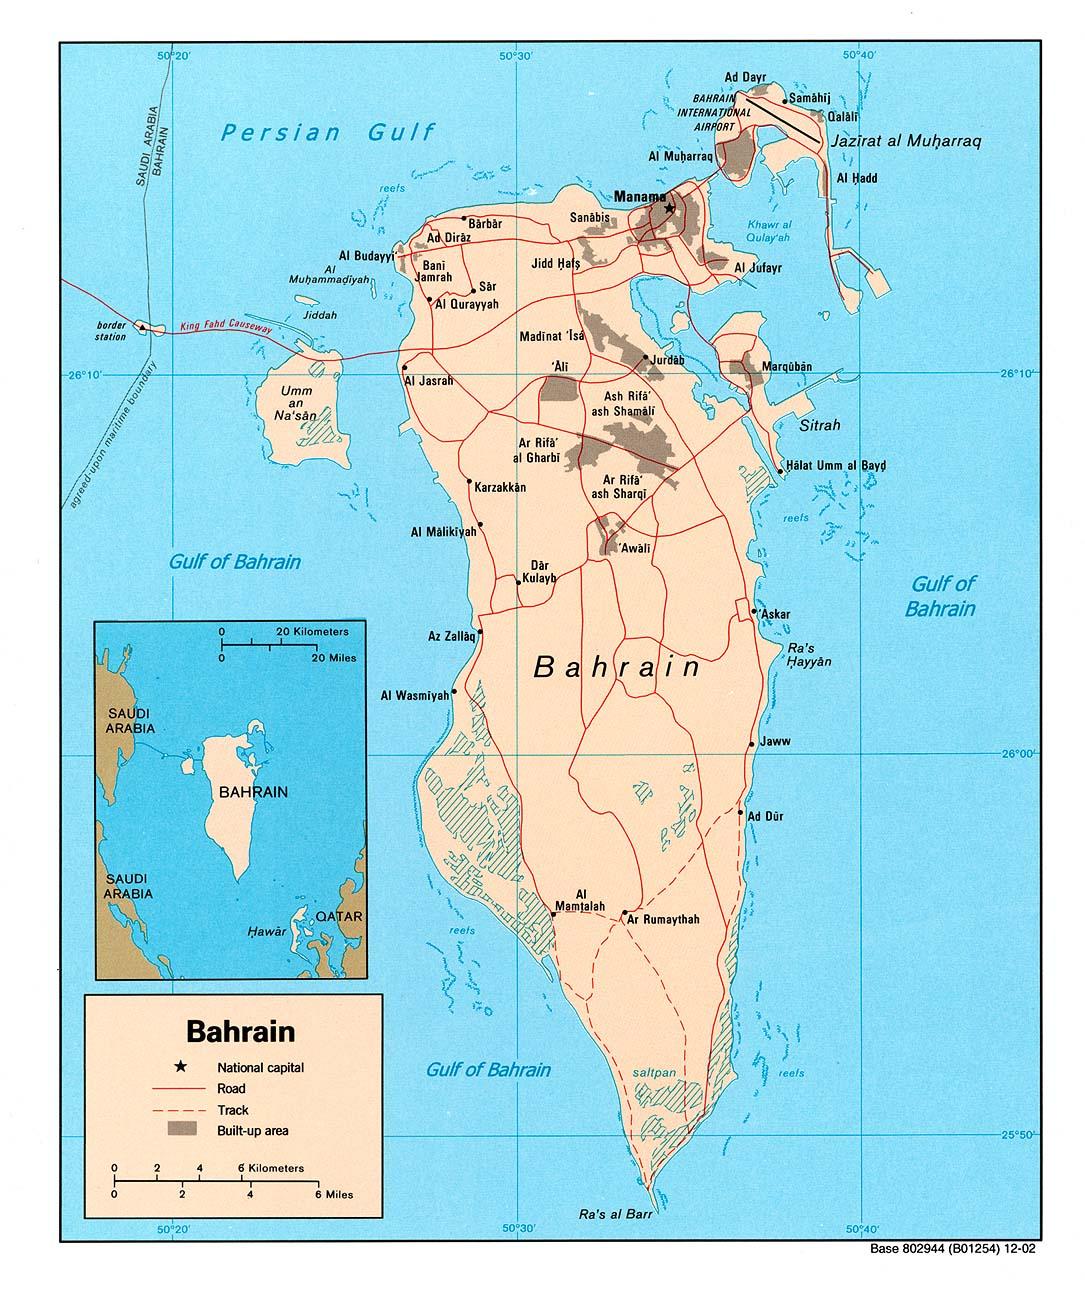 bahrain_pol_2003.jpg